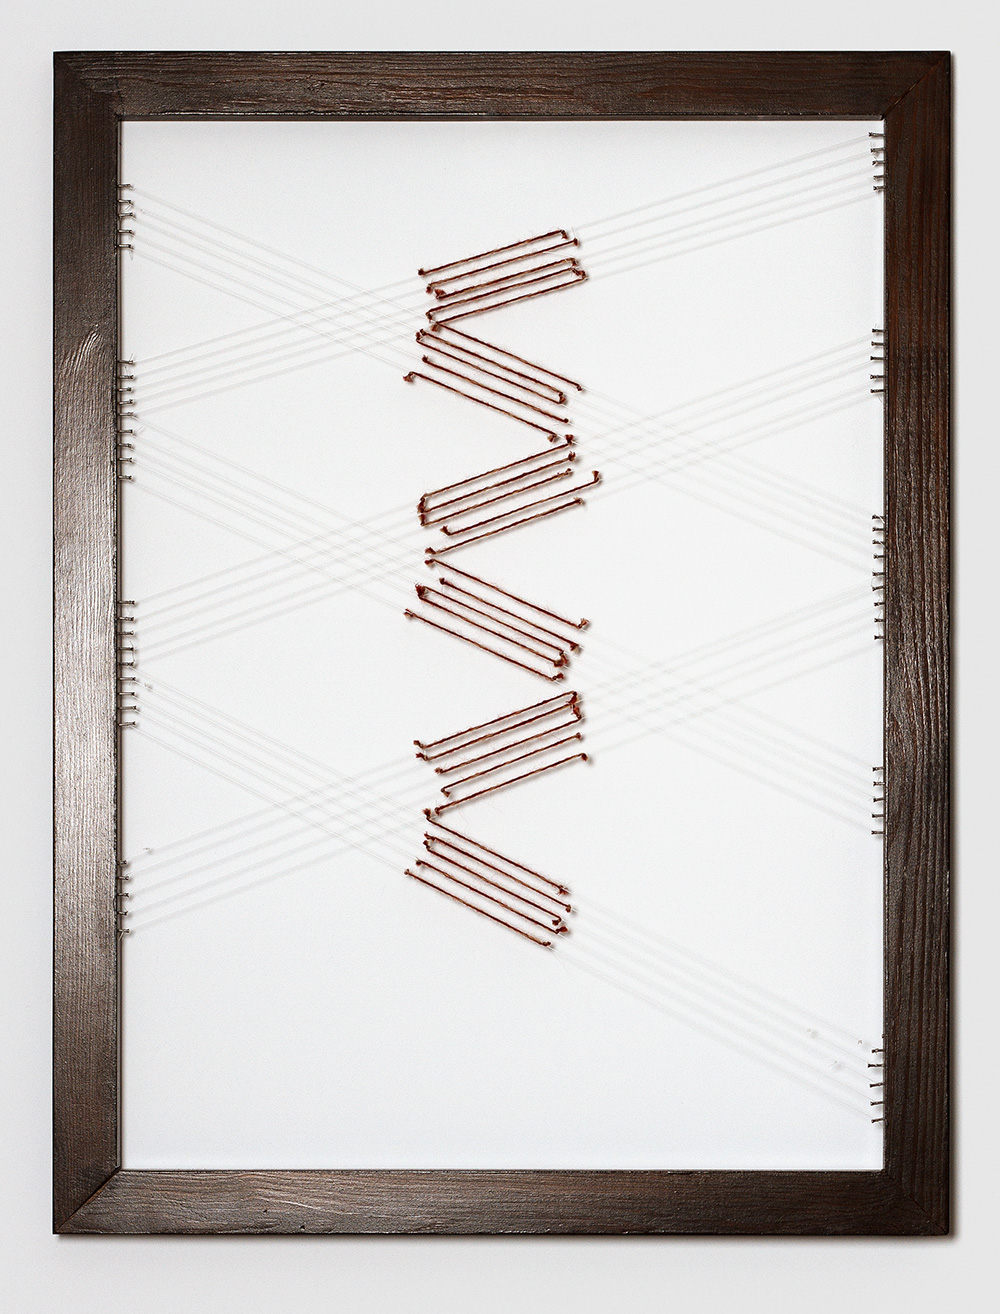 Adia Wahid   Drawing with Thread  II, 2012  Wooden Frame, Yarn, Plastic Thread, Nails  80cm x 60cm